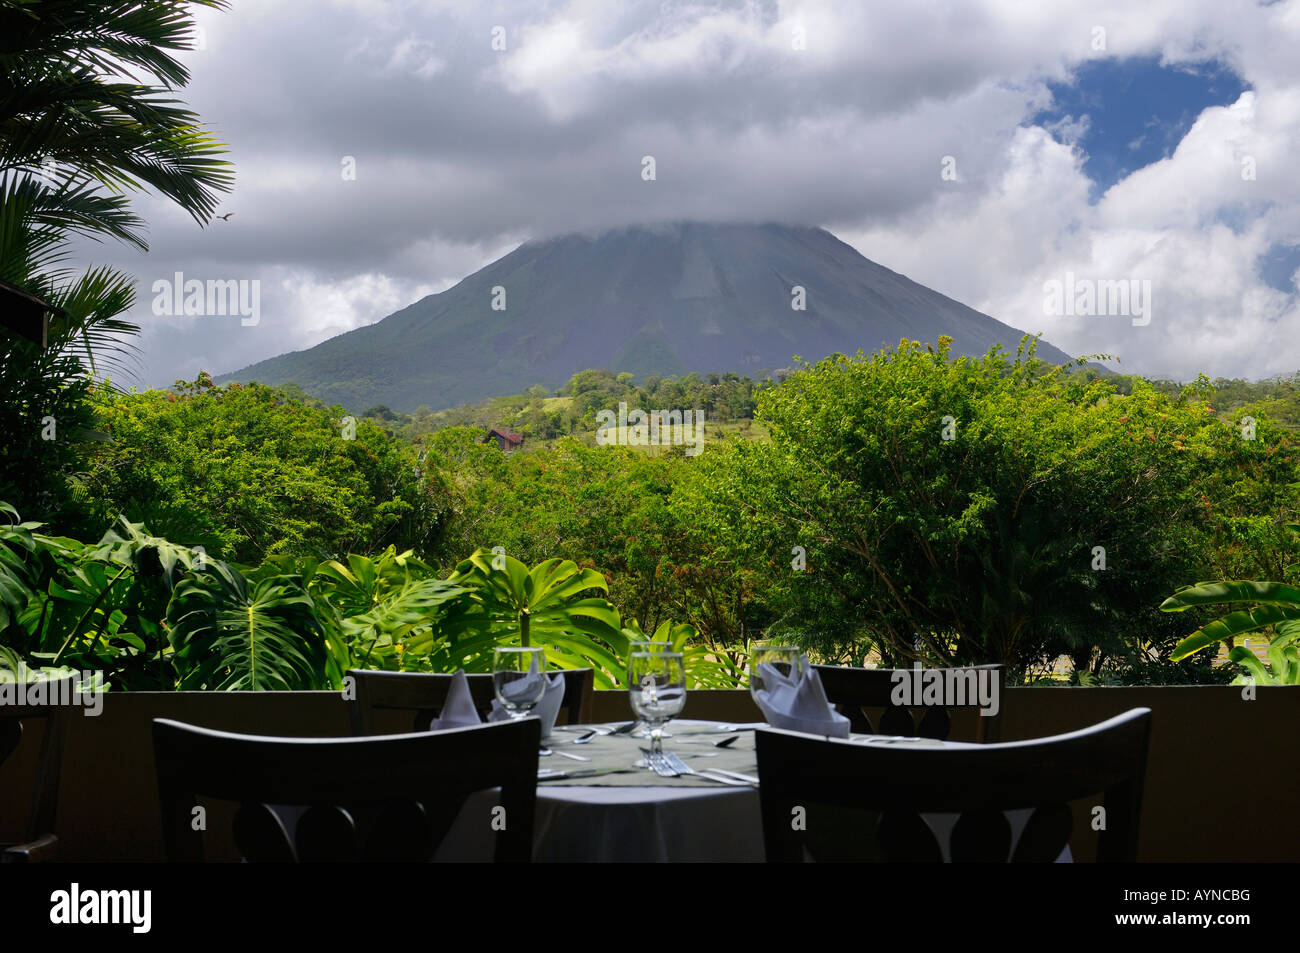 Volcán Arenal visto desde las mesas del restaurante en el Paraiso Resort and Spa Imagen De Stock